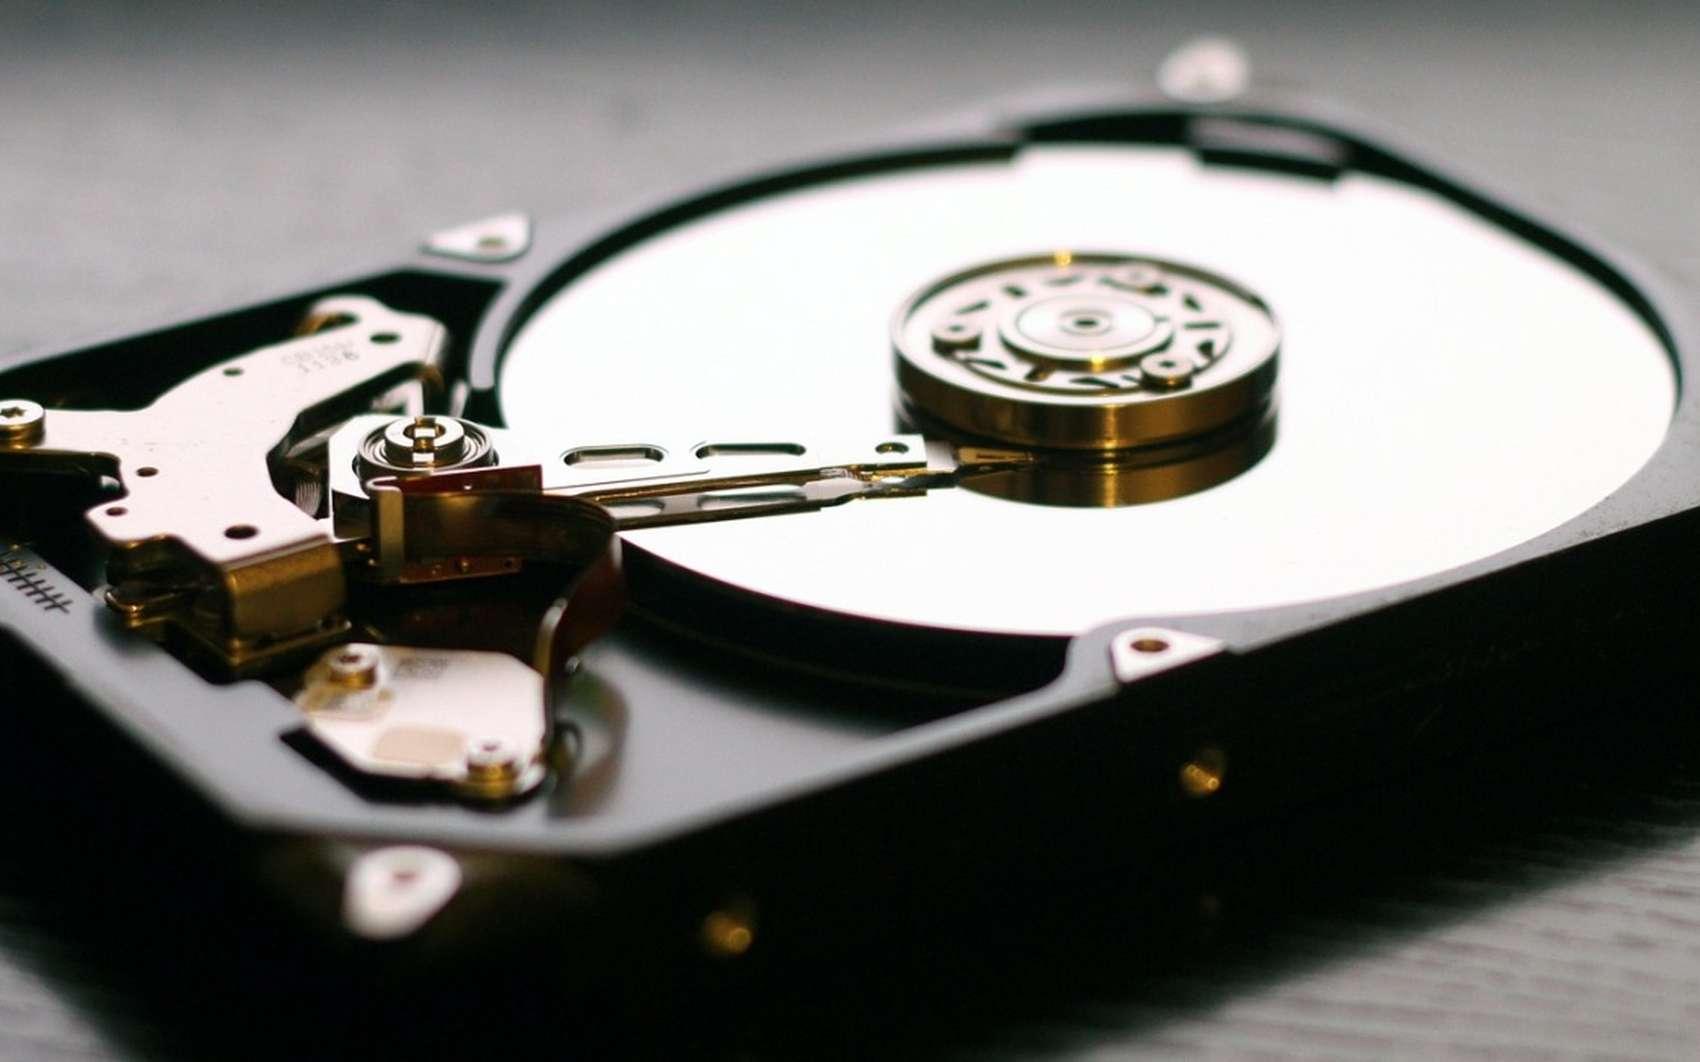 Les lecteurs de disque de type HDD peuvent être défragmentés régulièrement. © Pixabay